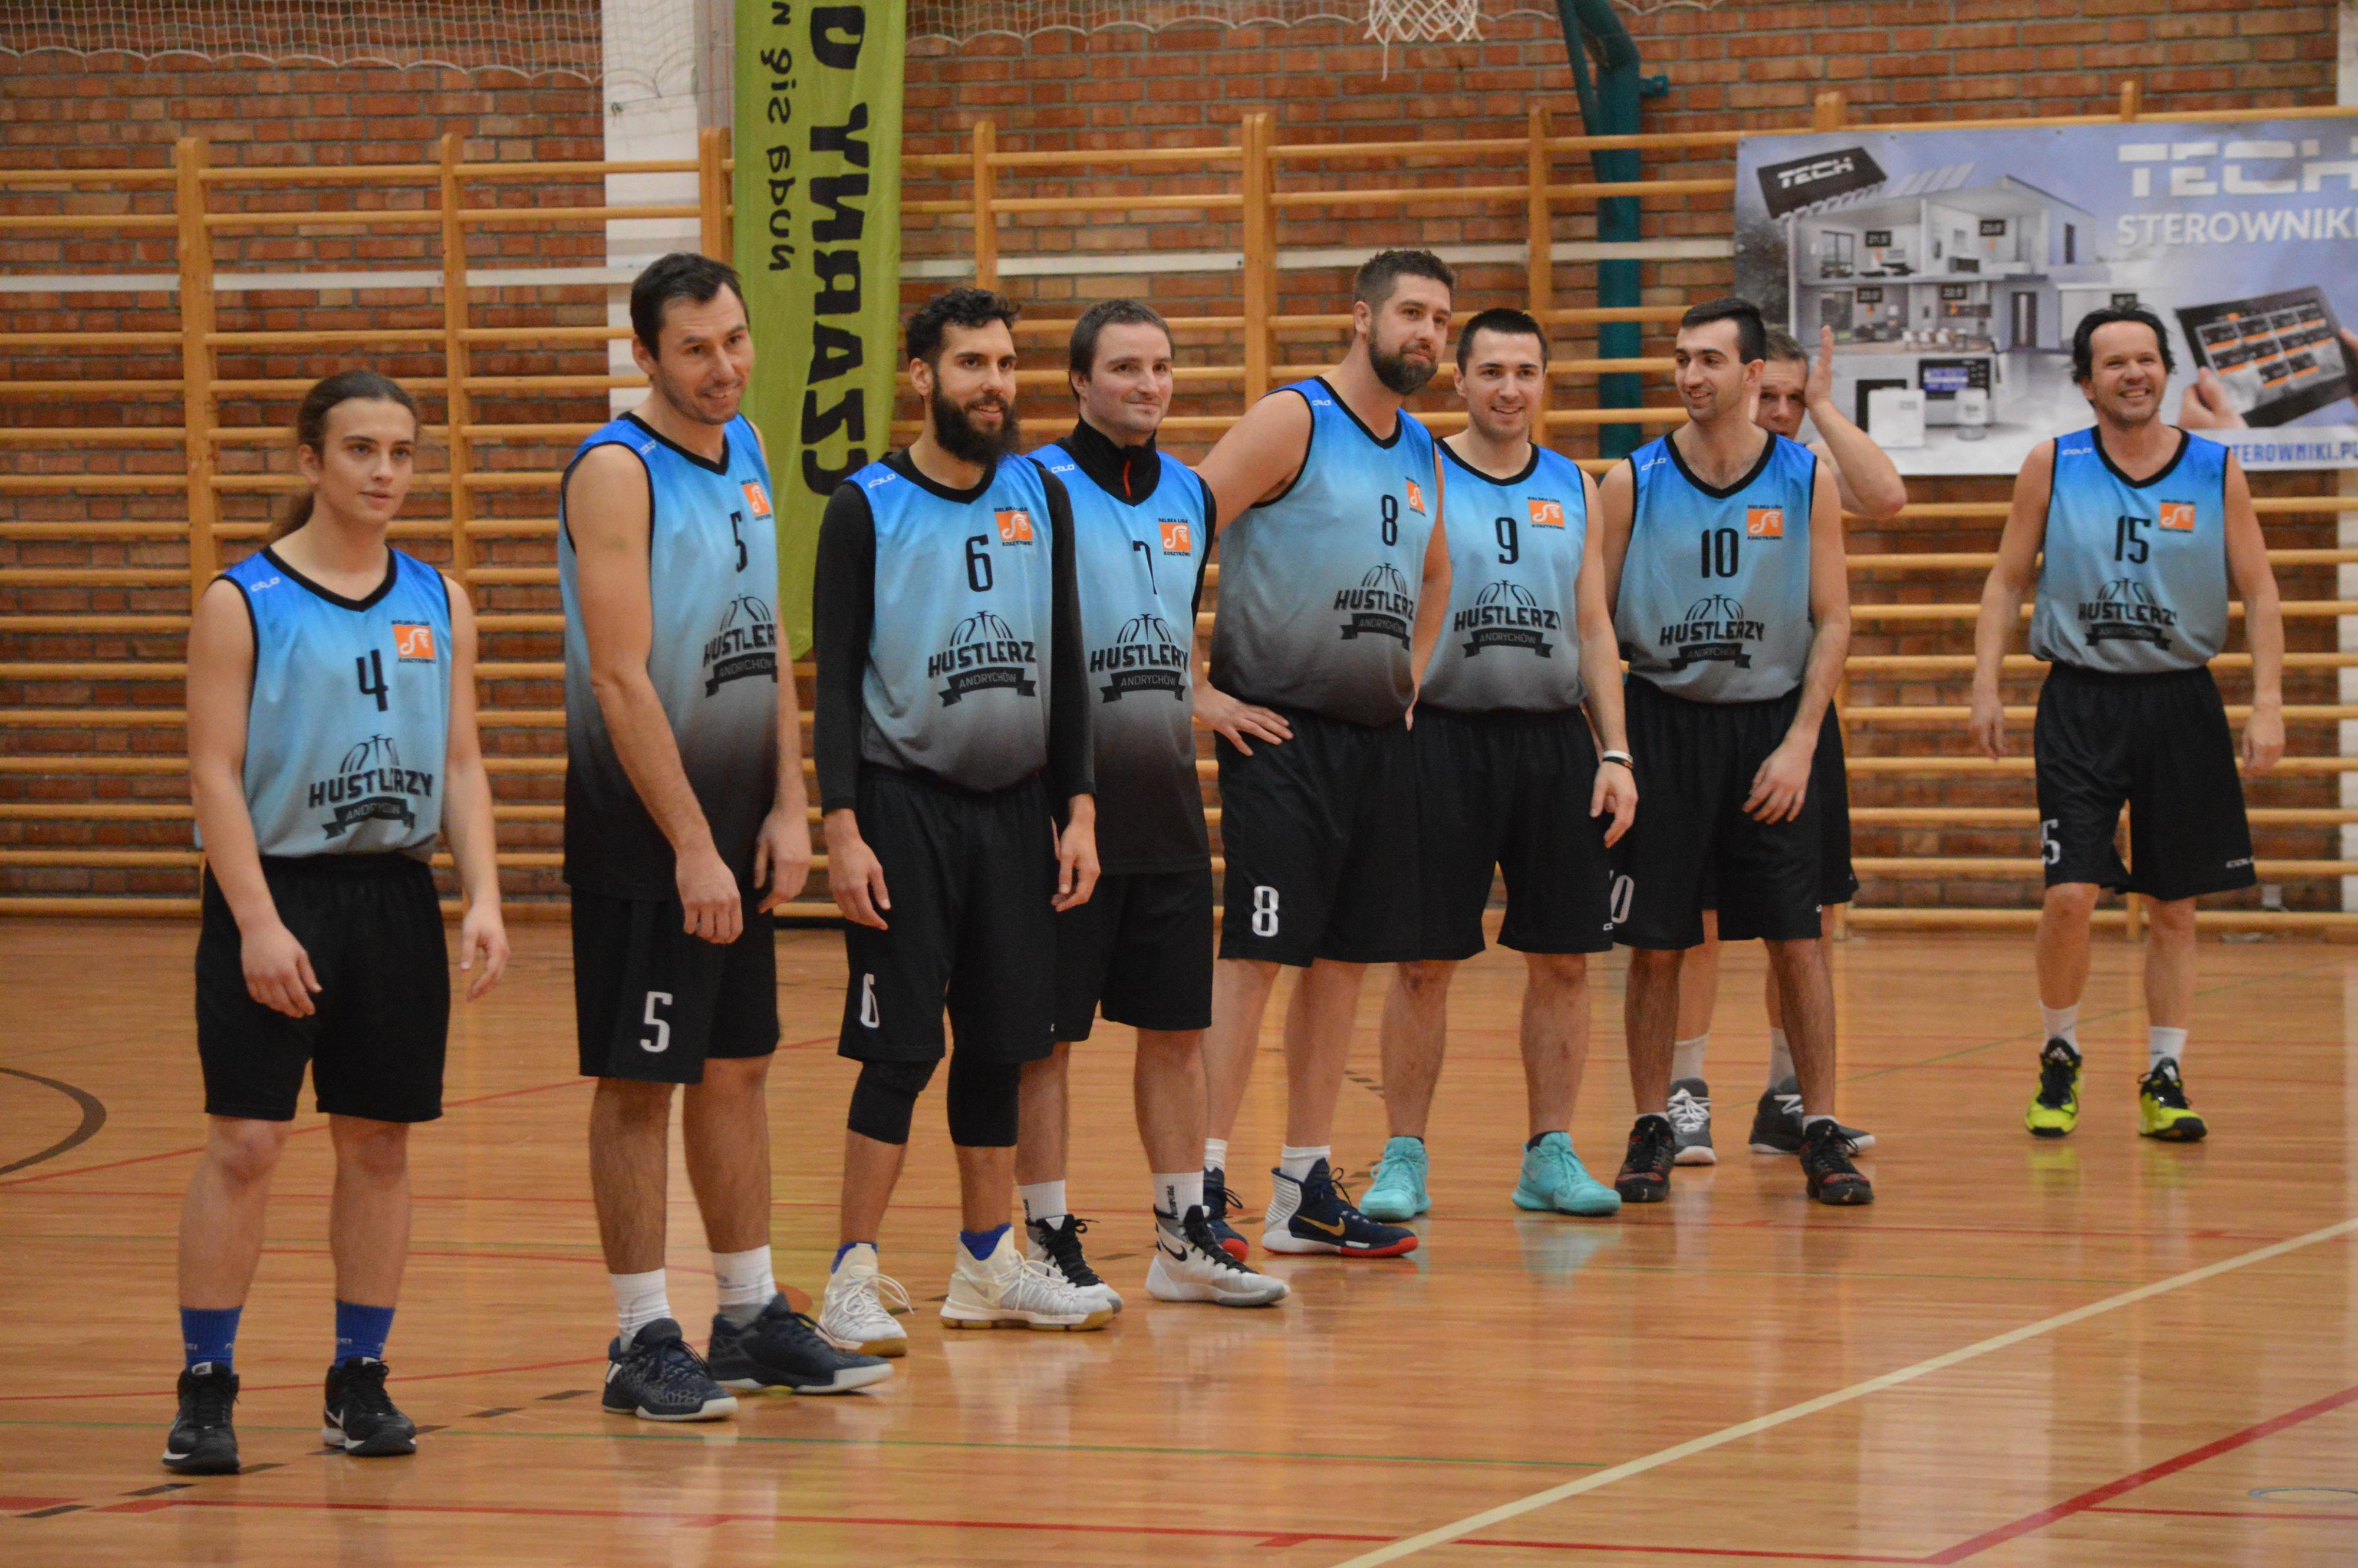 Przedświąteczne spotkanie z koszykówką w Andrychowie. Działo się! [FOTO]